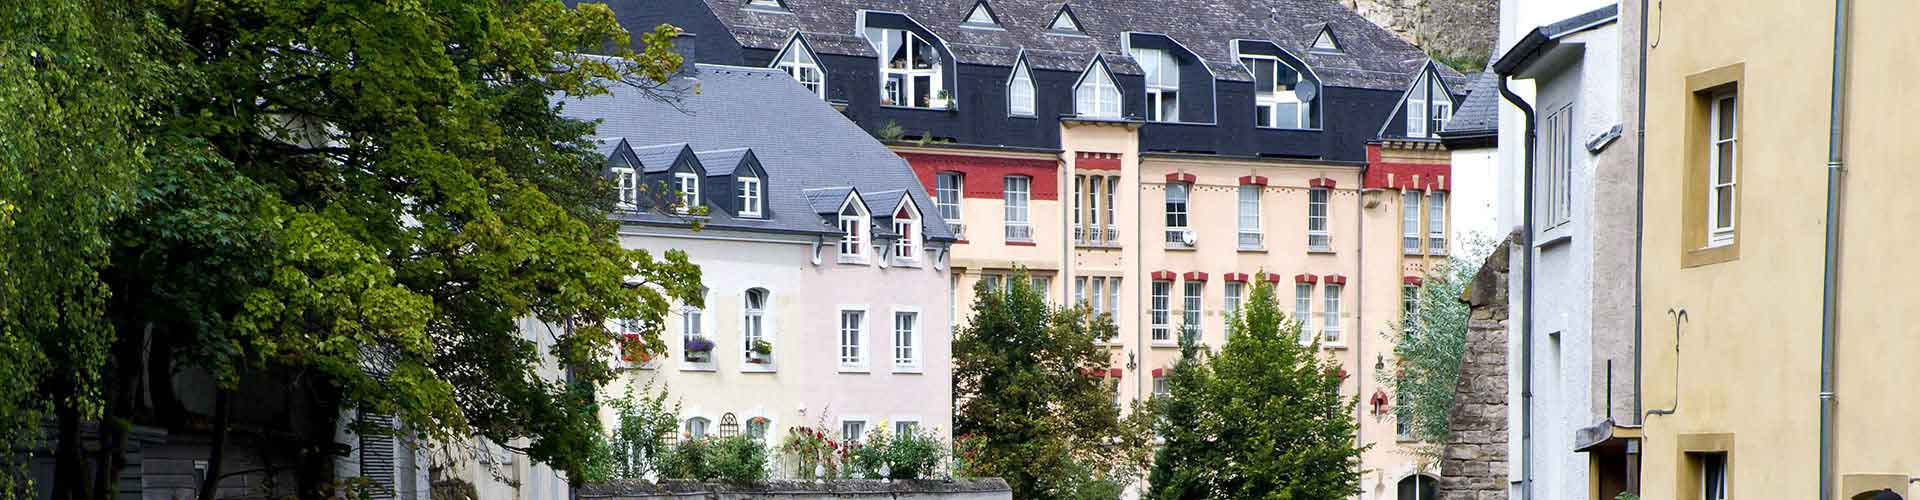 Bryssel – Hotellit kaupungiosassa Alempi kaupunki. Bryssel -karttoja, valokuvia ja arvosteluja kaikista Bryssel -hotelleista.